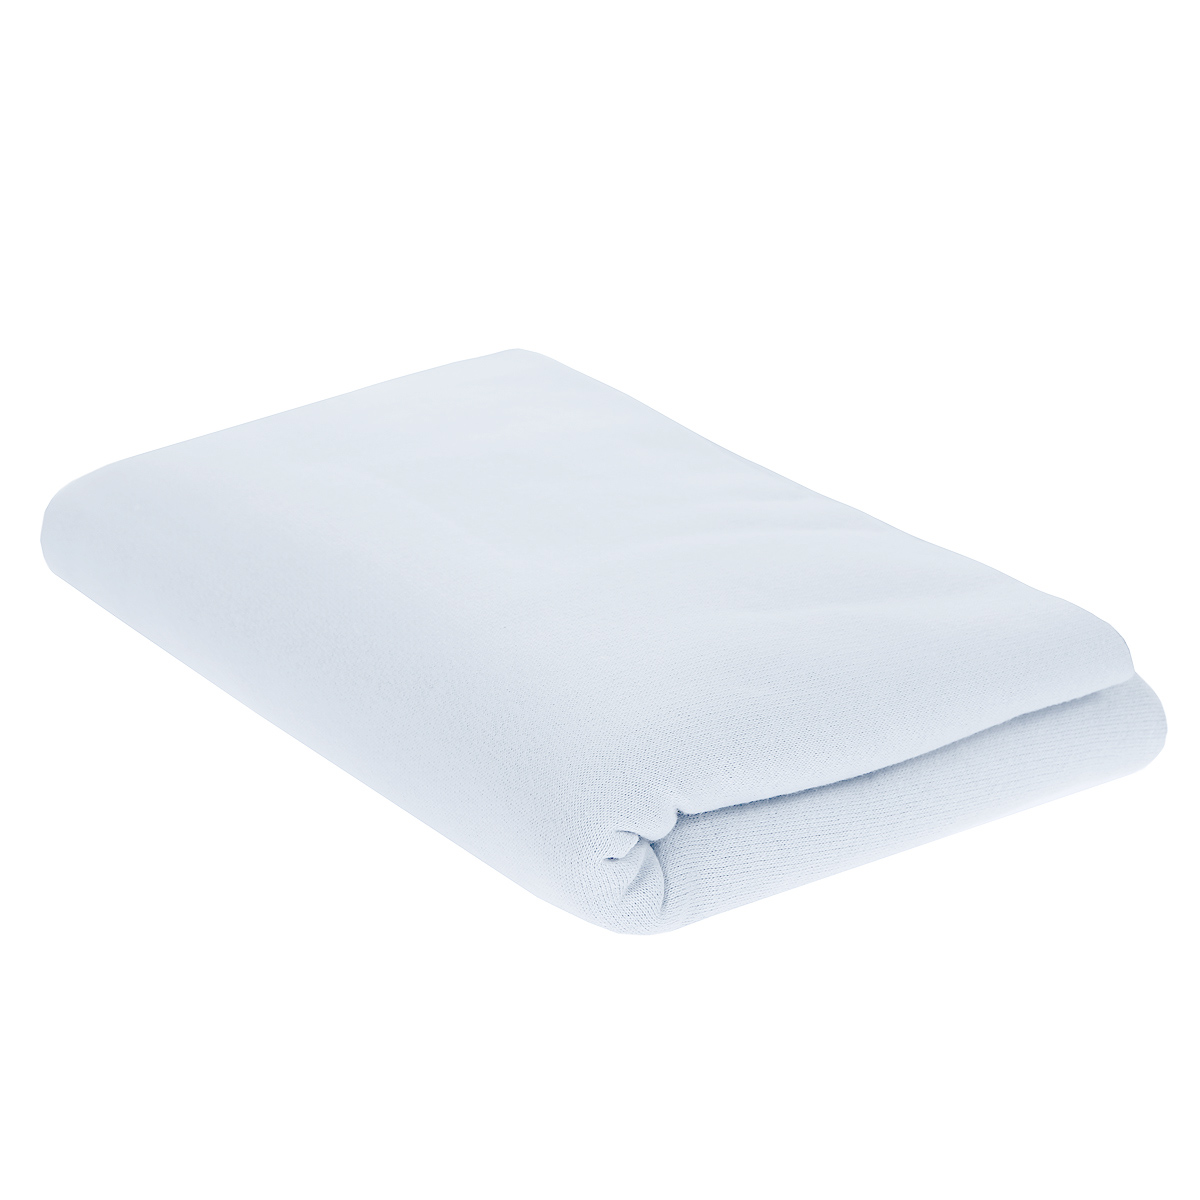 Пеленка детская Трон-Плюс, цвет: белый, 120 см х 90 см1149Детская пеленка Трон-Плюс подходит для пеленания ребенка с самого рождения. Она невероятно мягкая и нежная на ощупь. Пеленка выполнена из футера - хлопчатобумажной ткани с небольшим начесом с изнаночной стороны. Такая ткань прекрасно дышит, она гипоаллергенна, обладает повышенными теплоизоляционными свойствами и не теряет формы после стирки. Мягкая ткань укутывает малыша с необычайной нежностью. Пеленку также можно использовать как легкое одеяло в теплую погоду, простынку, полотенце после купания, накидку для кормления грудью или как согревающий компресс при коликах. Ее размер подходит для пеленания даже крупного малыша. Характеристики: Размер пеленки: 120 см x 90 см.